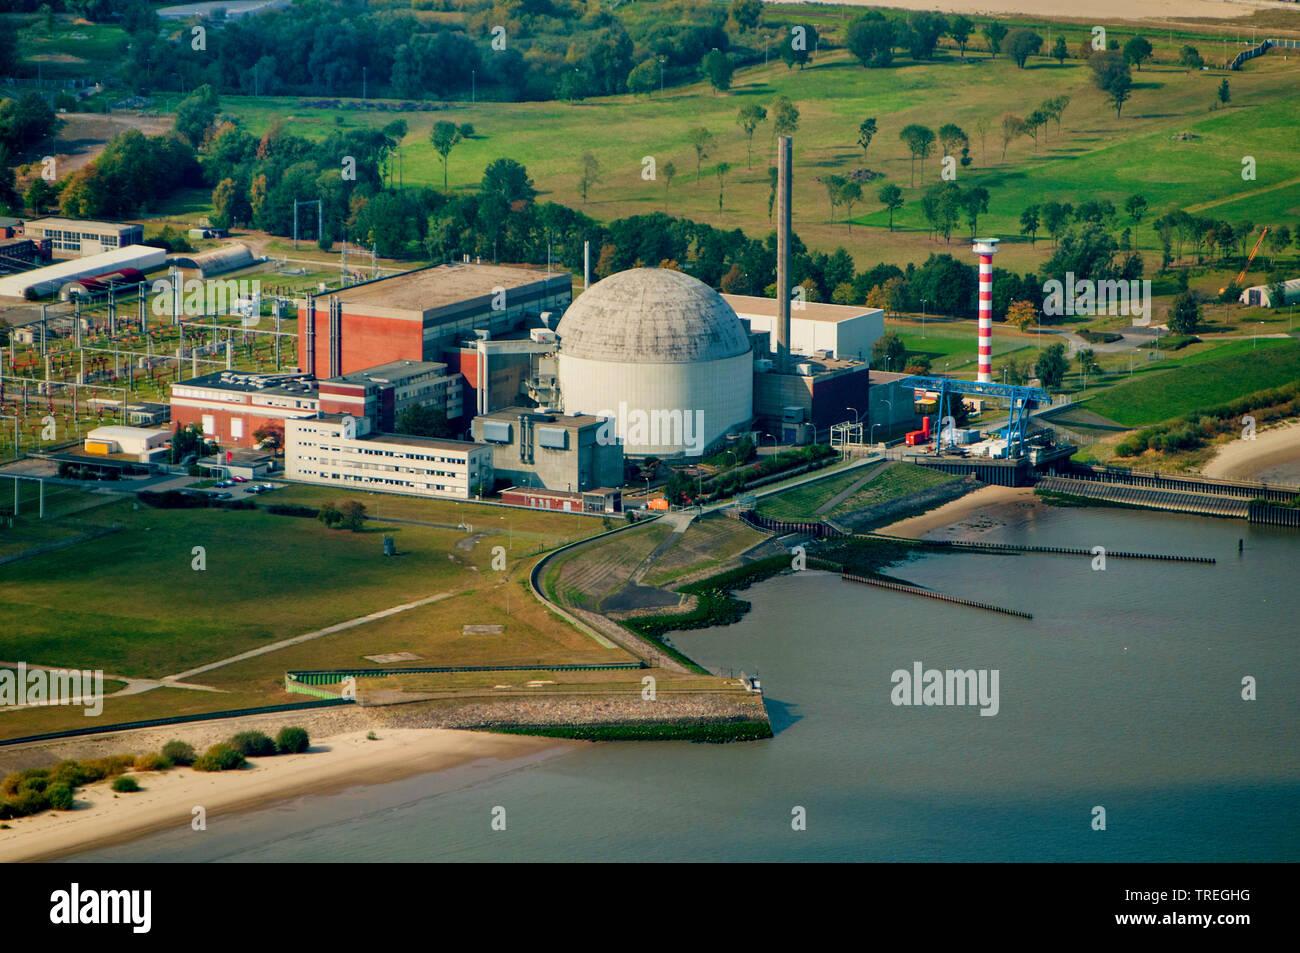 Kernkraftwerk Stade an der Elbe, im Rueckbau, Luftbild, Deutschland, Niedersachsen | nuclear power station Stade at river Elbe, aerial picture, German - Stock Image